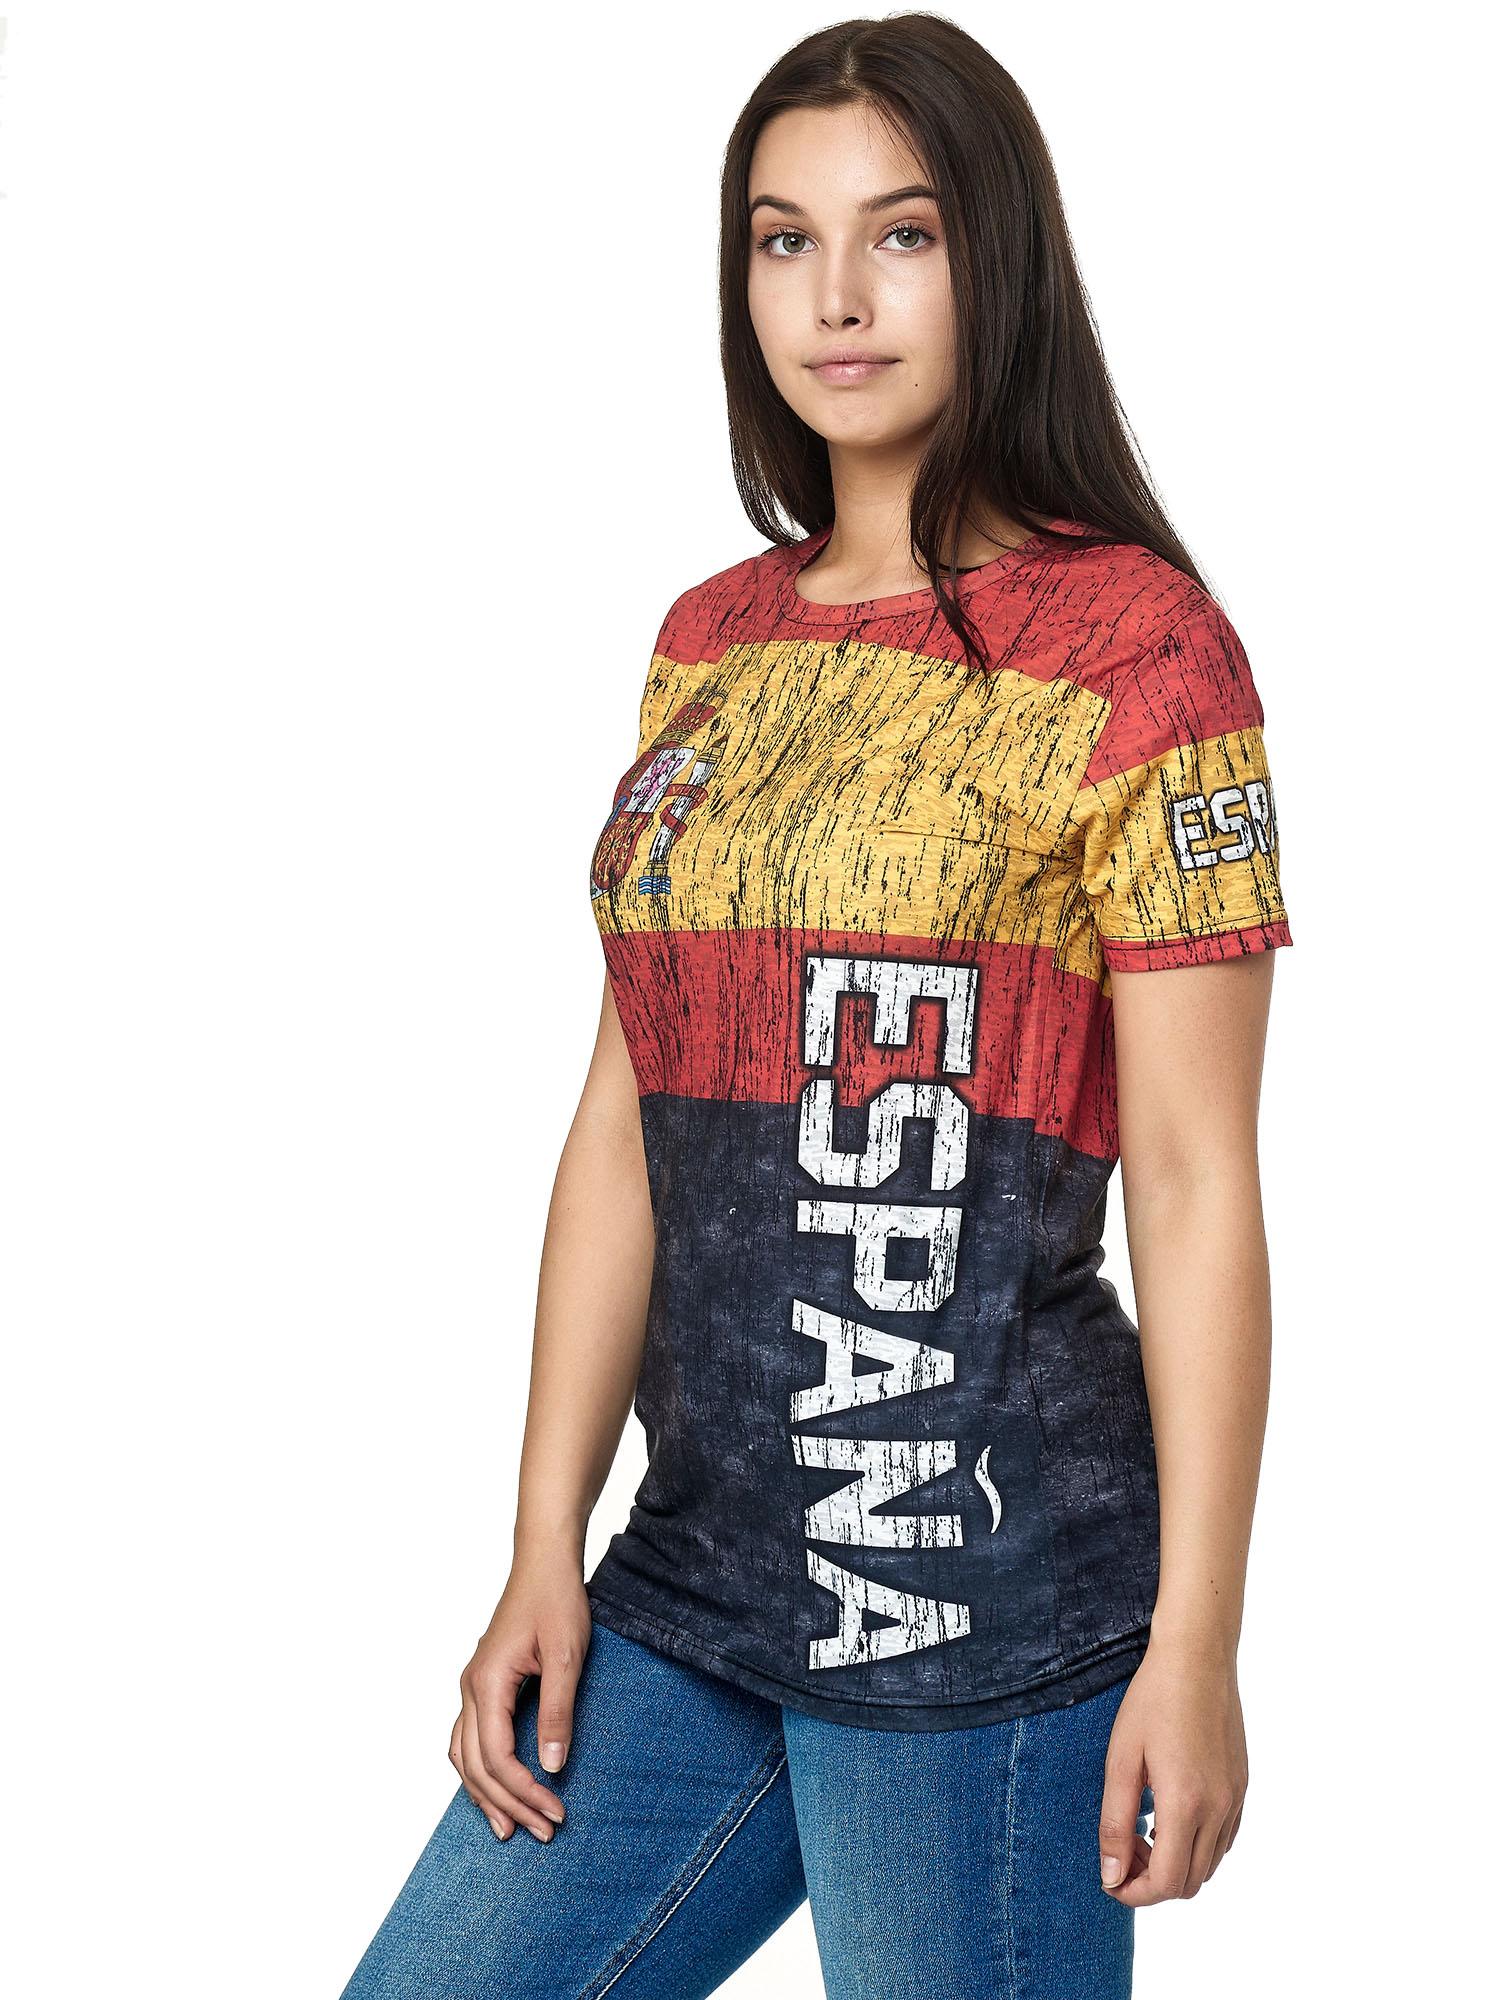 Paesi-da-Donna-T-shirt-A-Maniche-Corte-Girocollo-donne-CALCIO-Fanshirt-John-Kayna miniatura 107